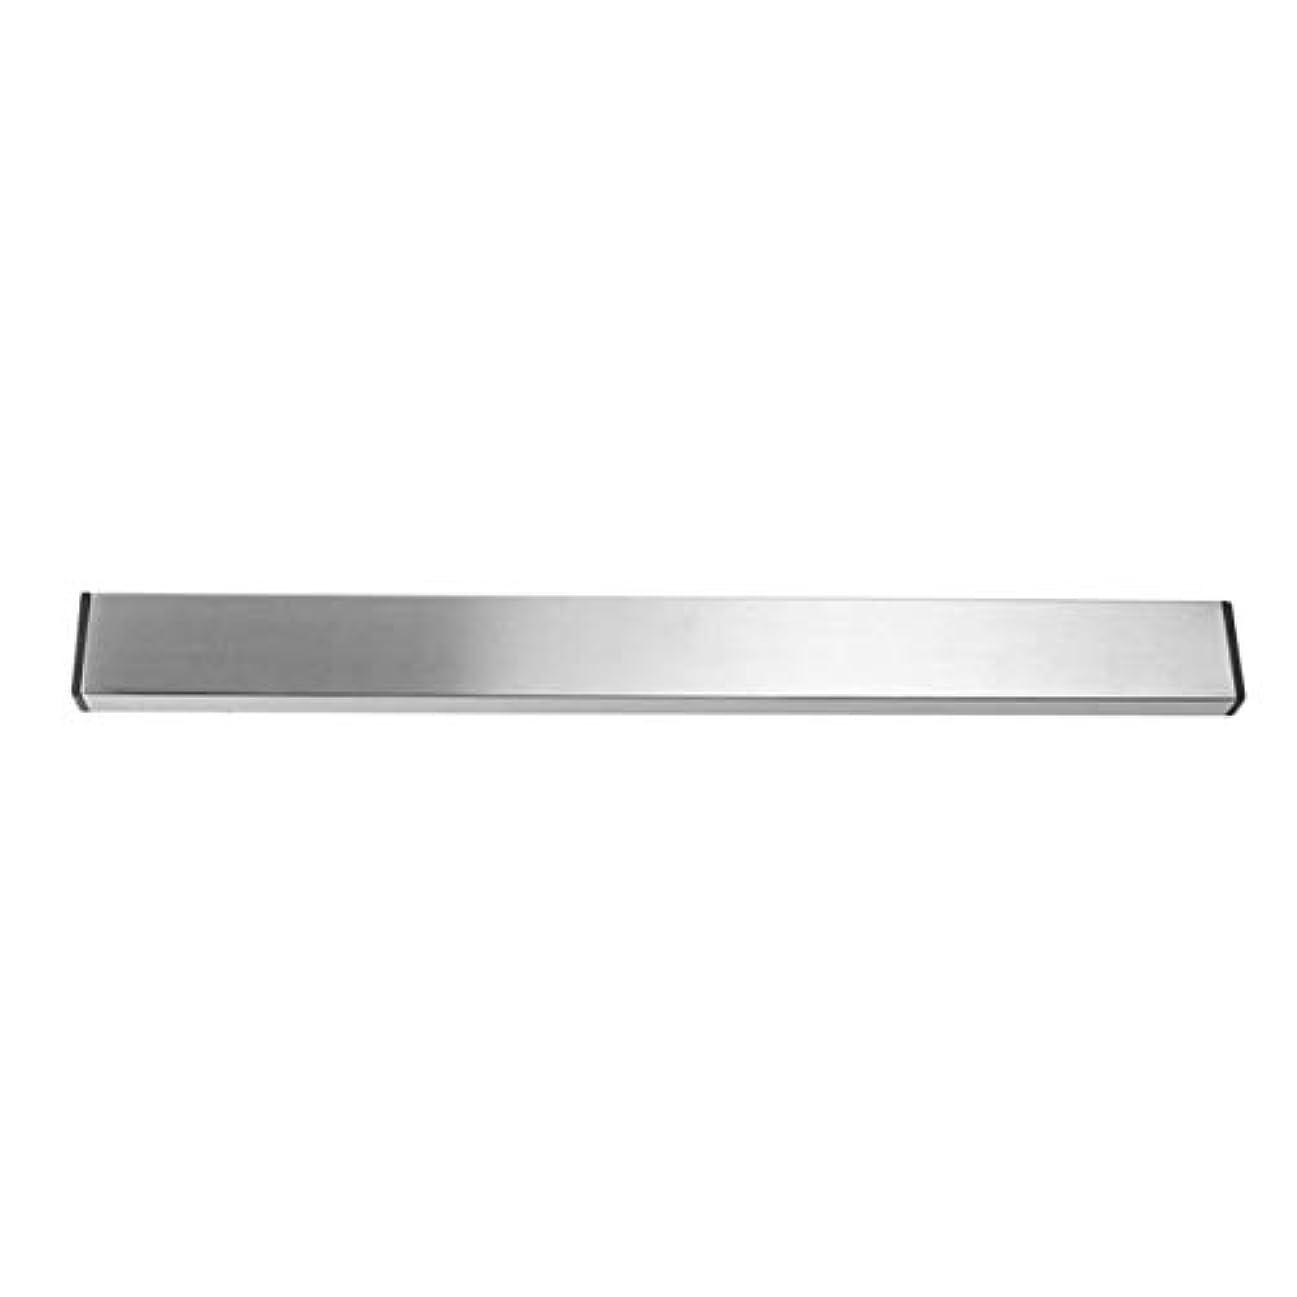 帝国と組む中でSaikogoods 実用的なホーム台所の壁マウントされた磁気ナイフホルダー耐久性のあるステンレススチール簡単に保存ナイフは台所用具ラック 銀 M